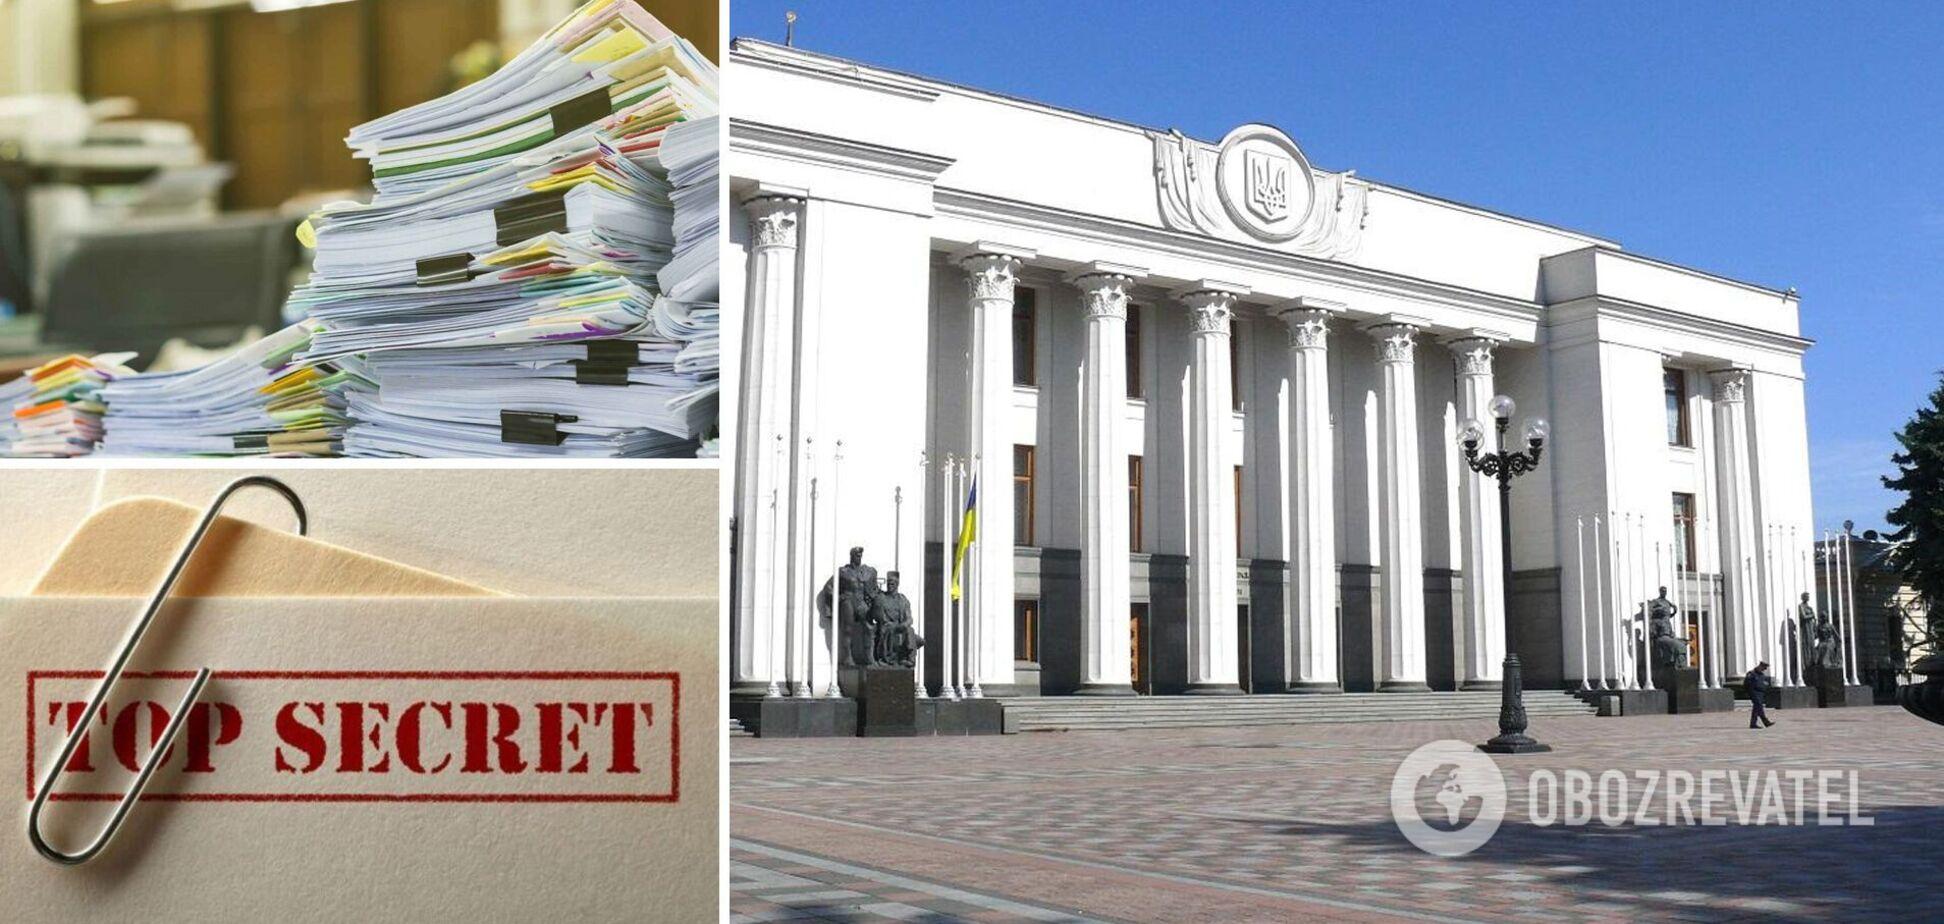 Відсікти прихильників Кремля і посилити перевірки: 'Слуга народу' готує новий закон про допуск до держтаємниці